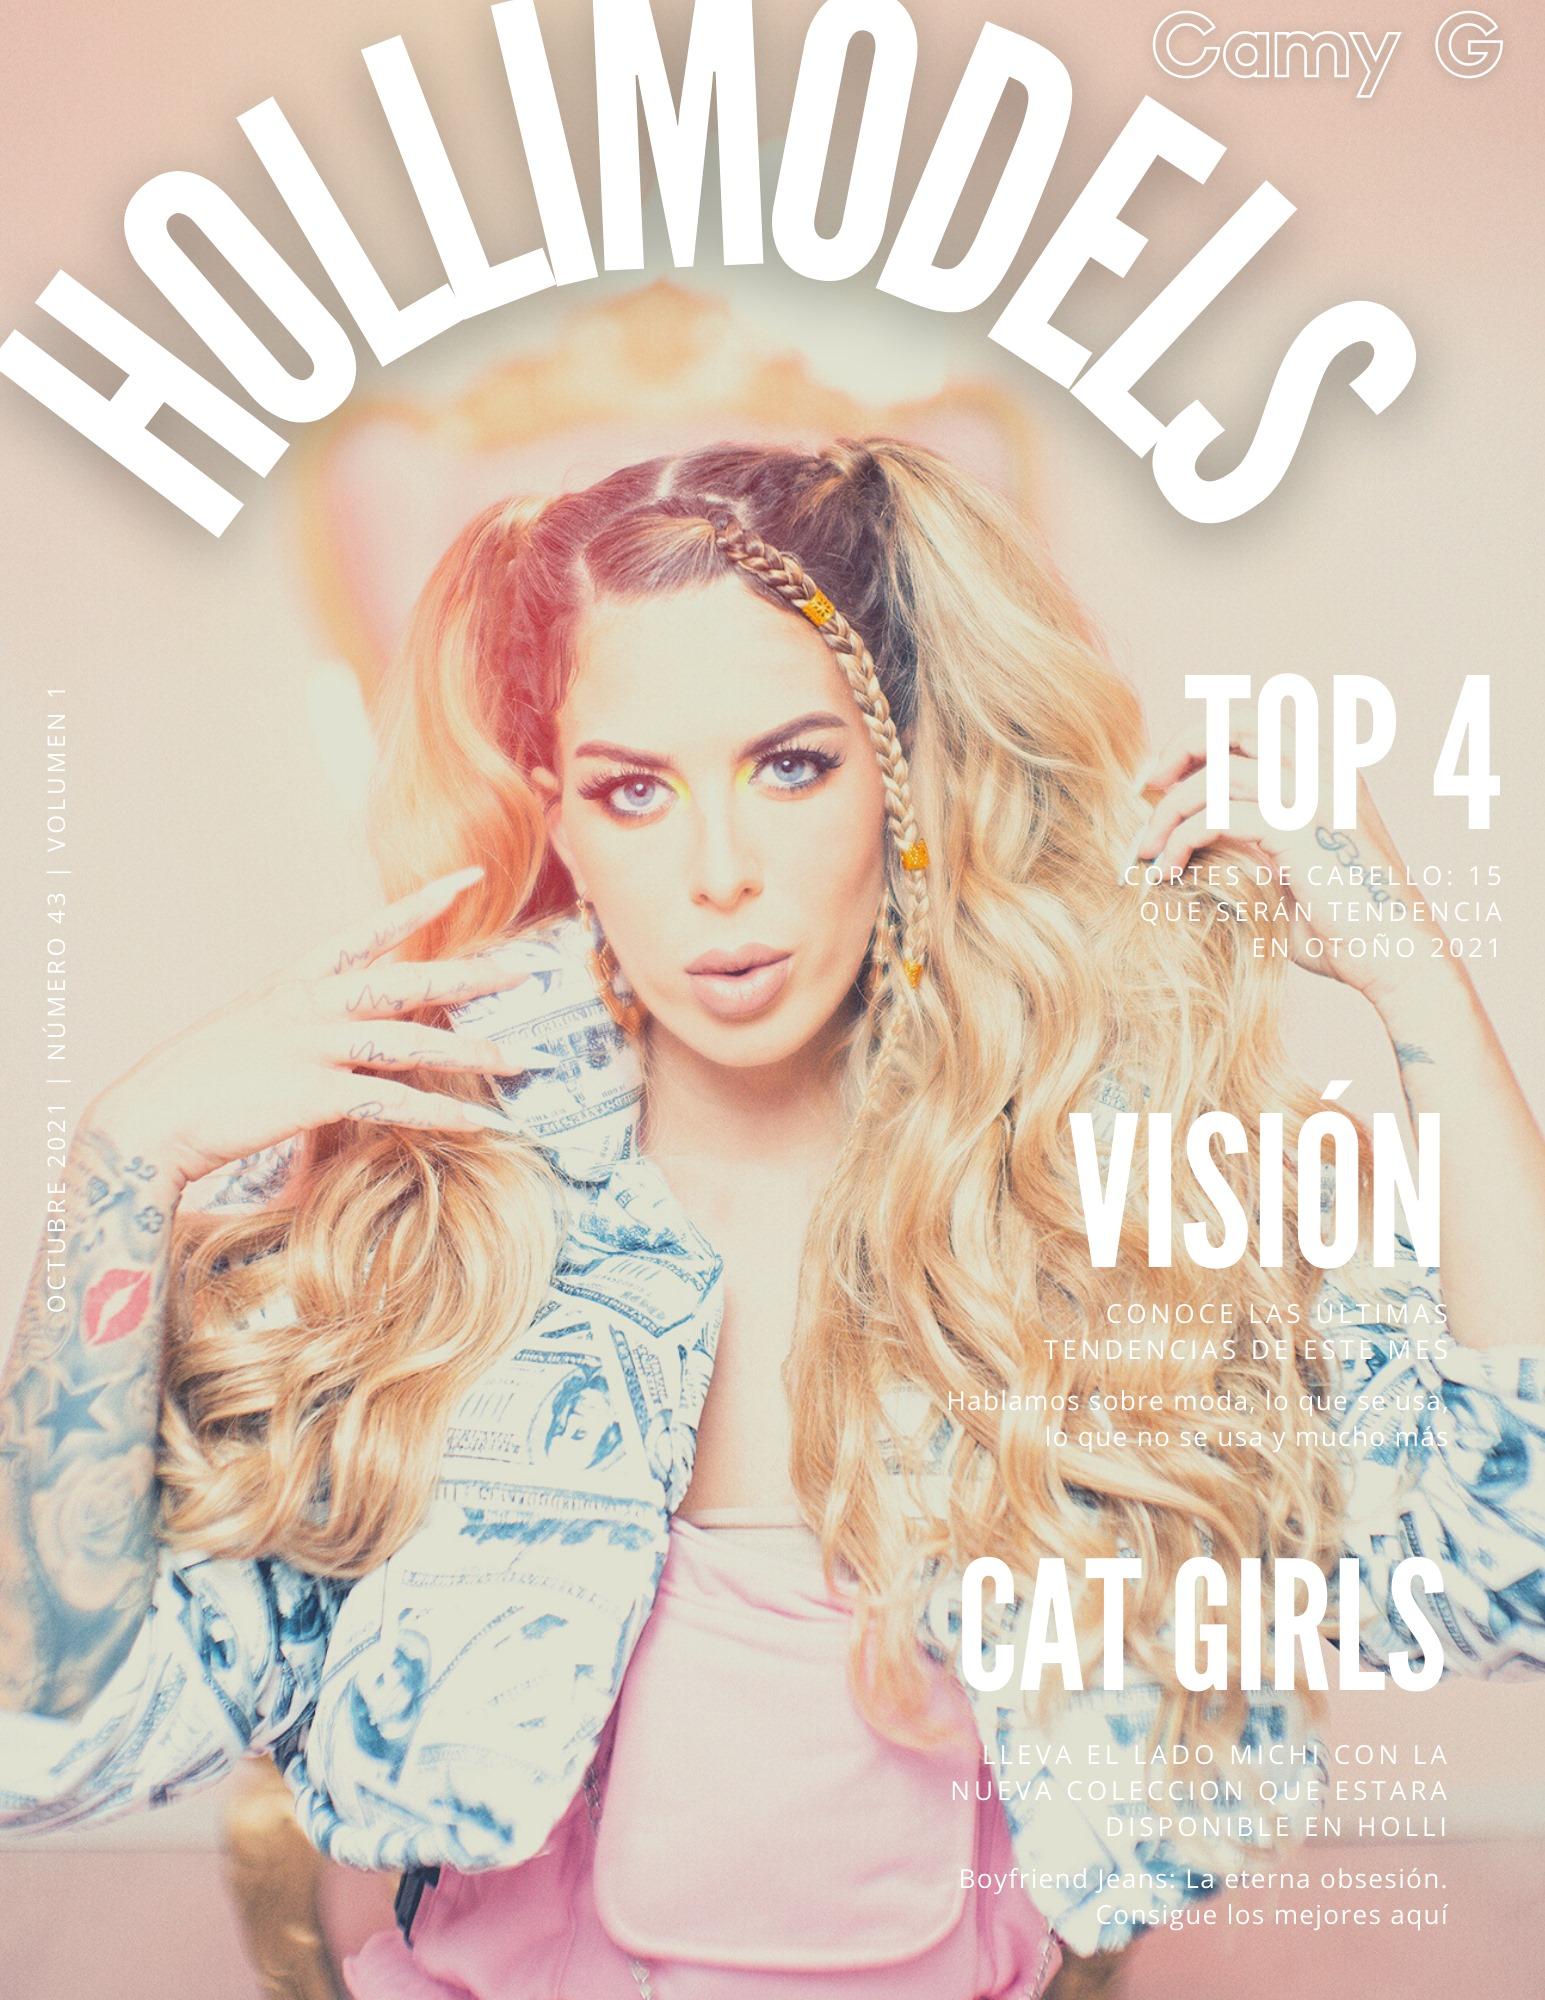 Revista Hollimodels Edición Famosos | En portada CAMY G